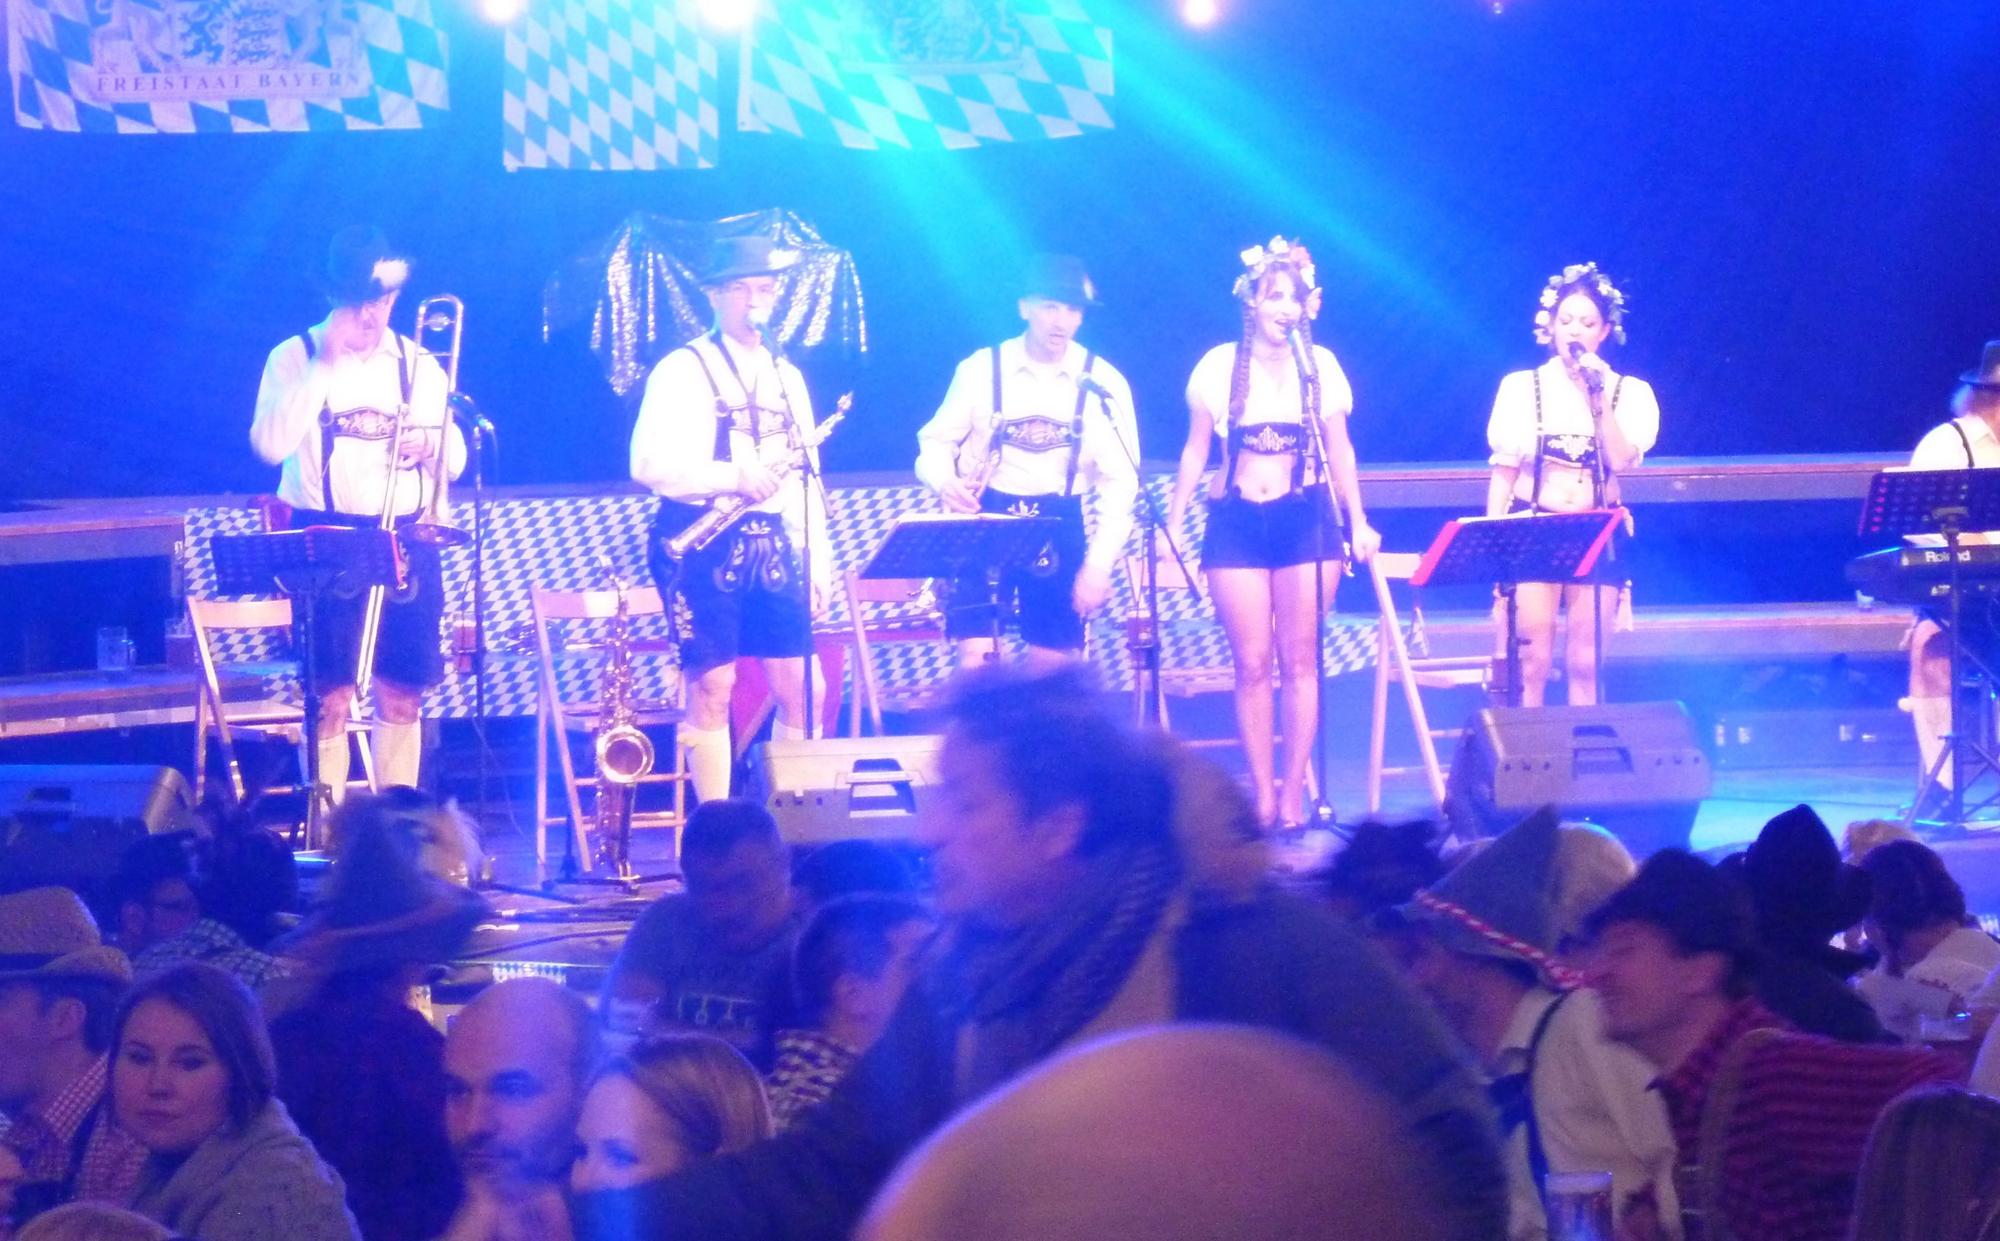 13 Orchestre bavarois à Sion ch, jeudi 12 février Carnaval 2015